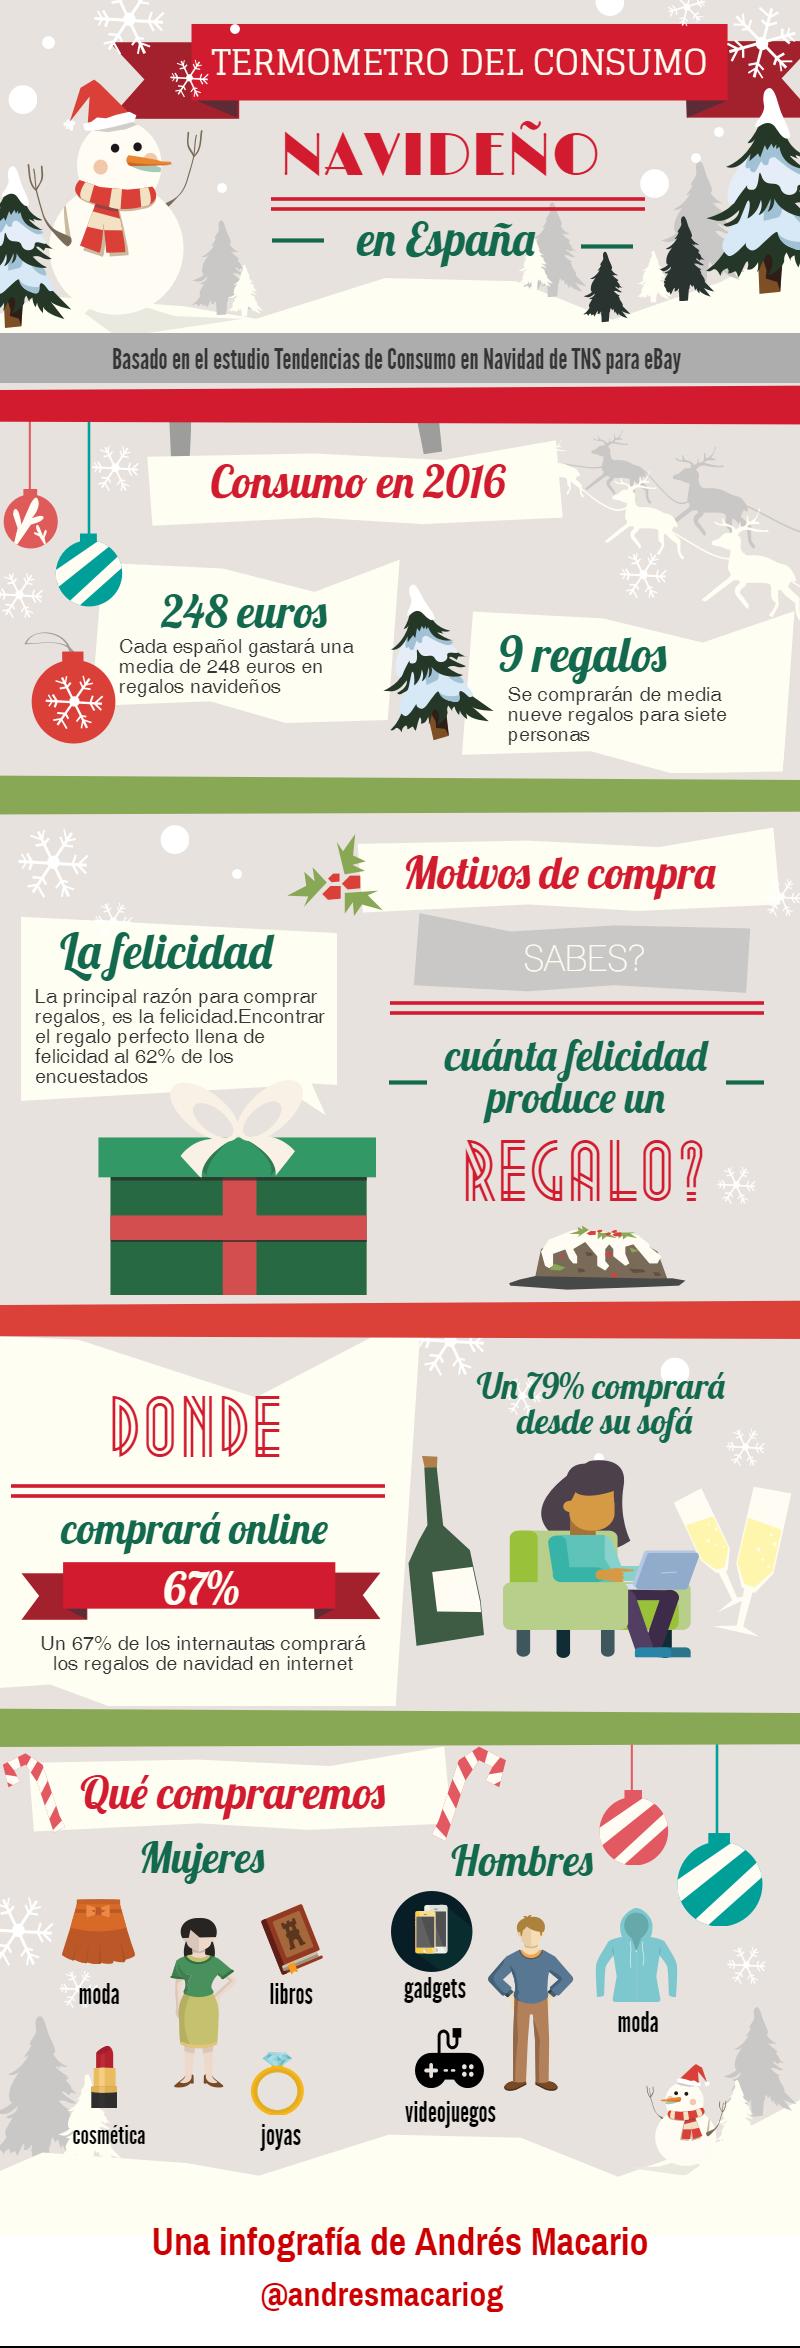 Termometro del consumo navideño en España- Infografia Andres Macario